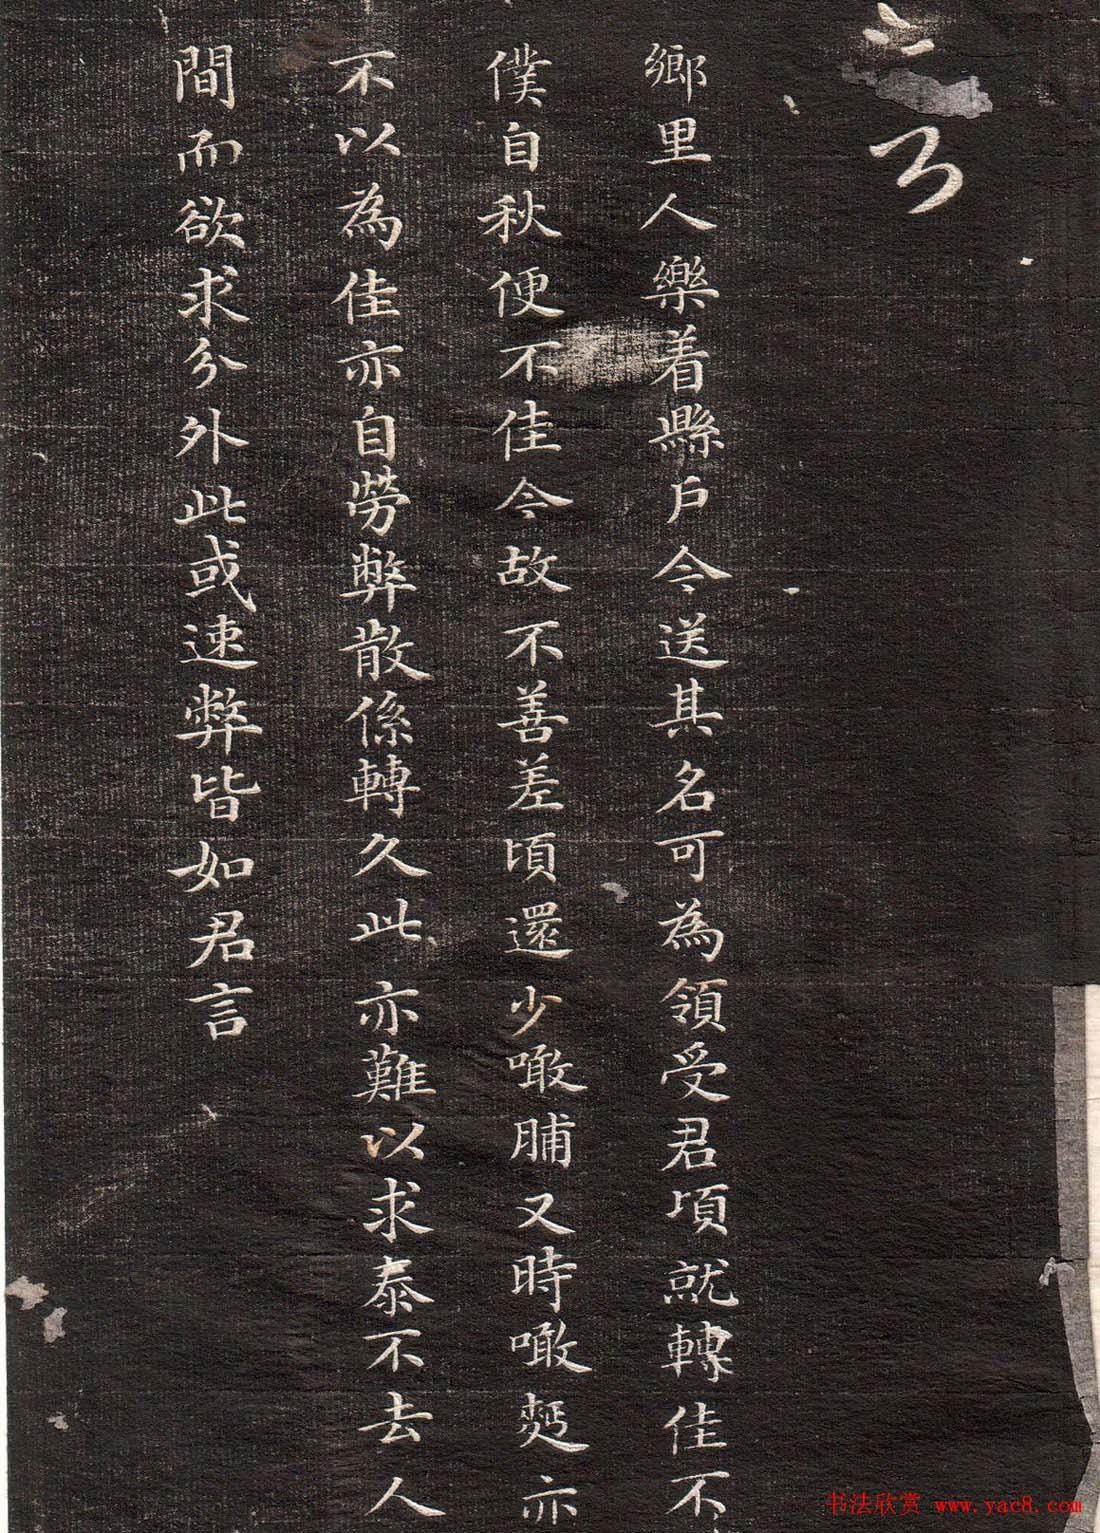 王羲之草书字帖下载《眉寿堂卷二》(19)图片